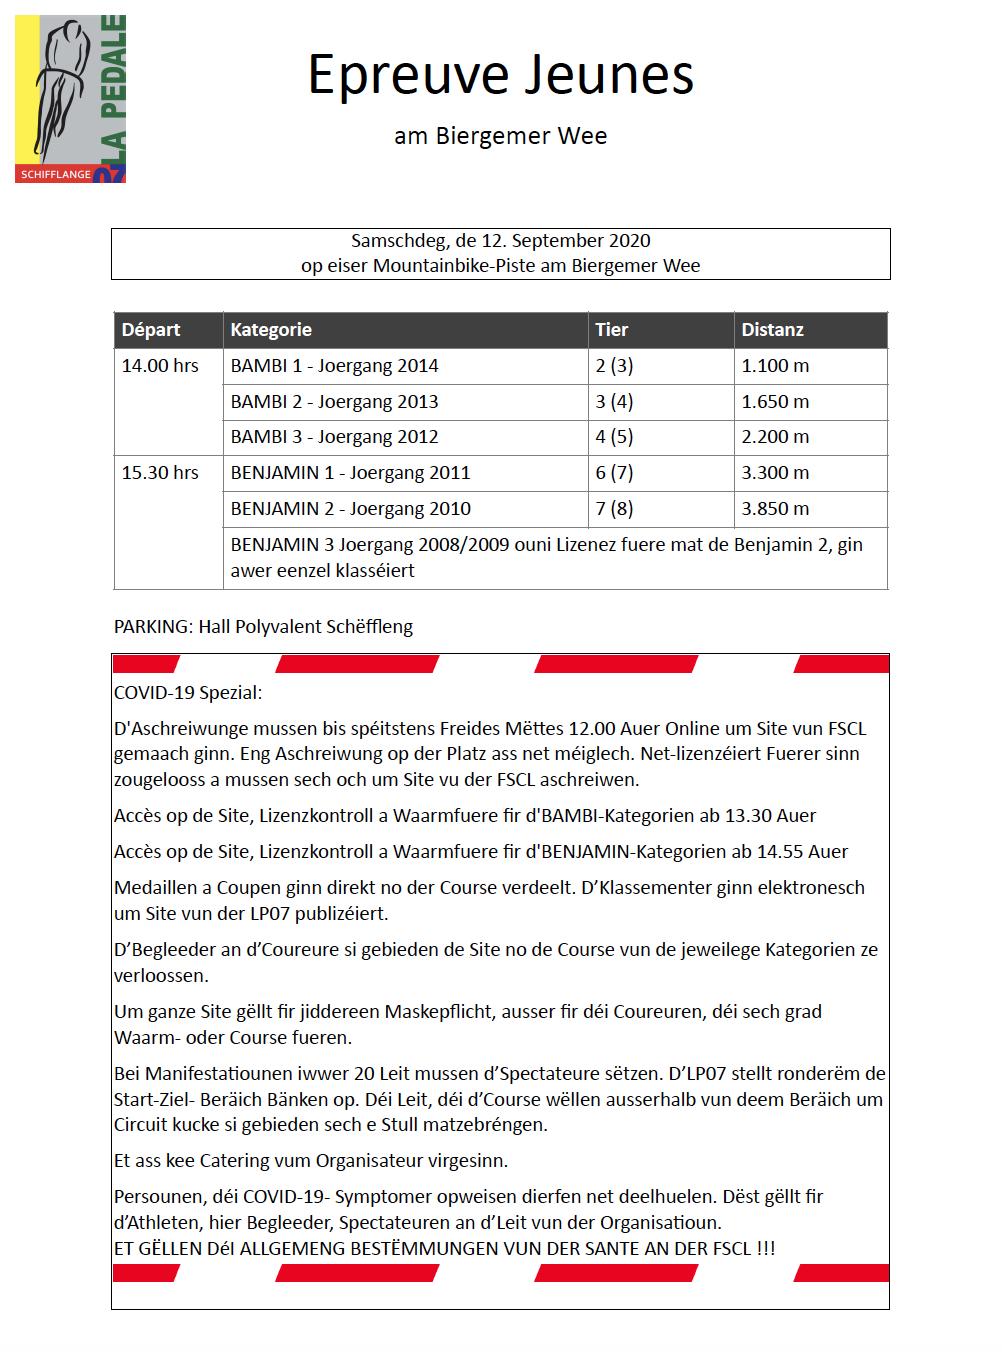 Epreuves Jeunes den 12. September